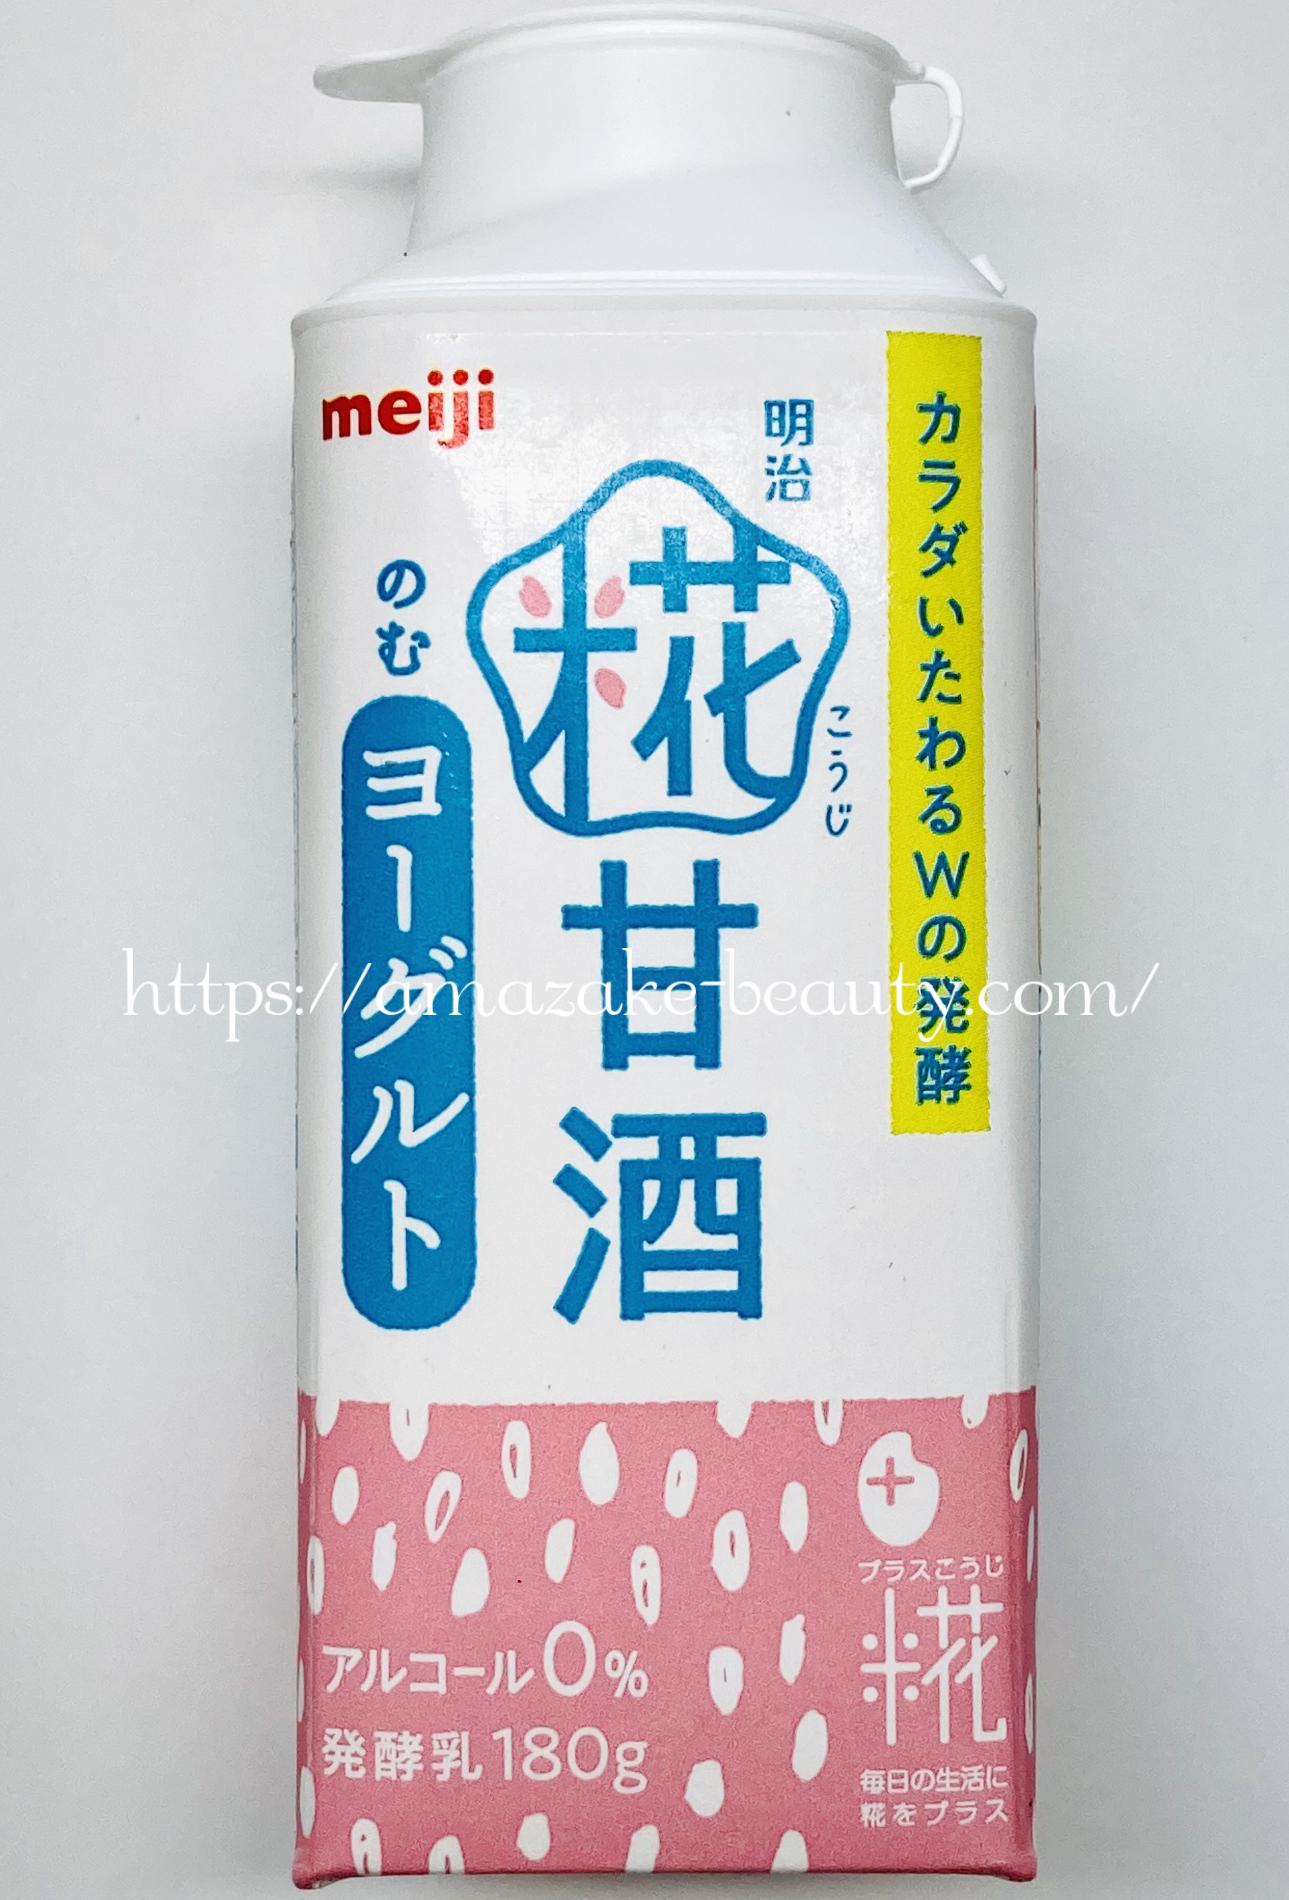 [amazake]meiji[meiji koji amazake nomu yoguruto](design)